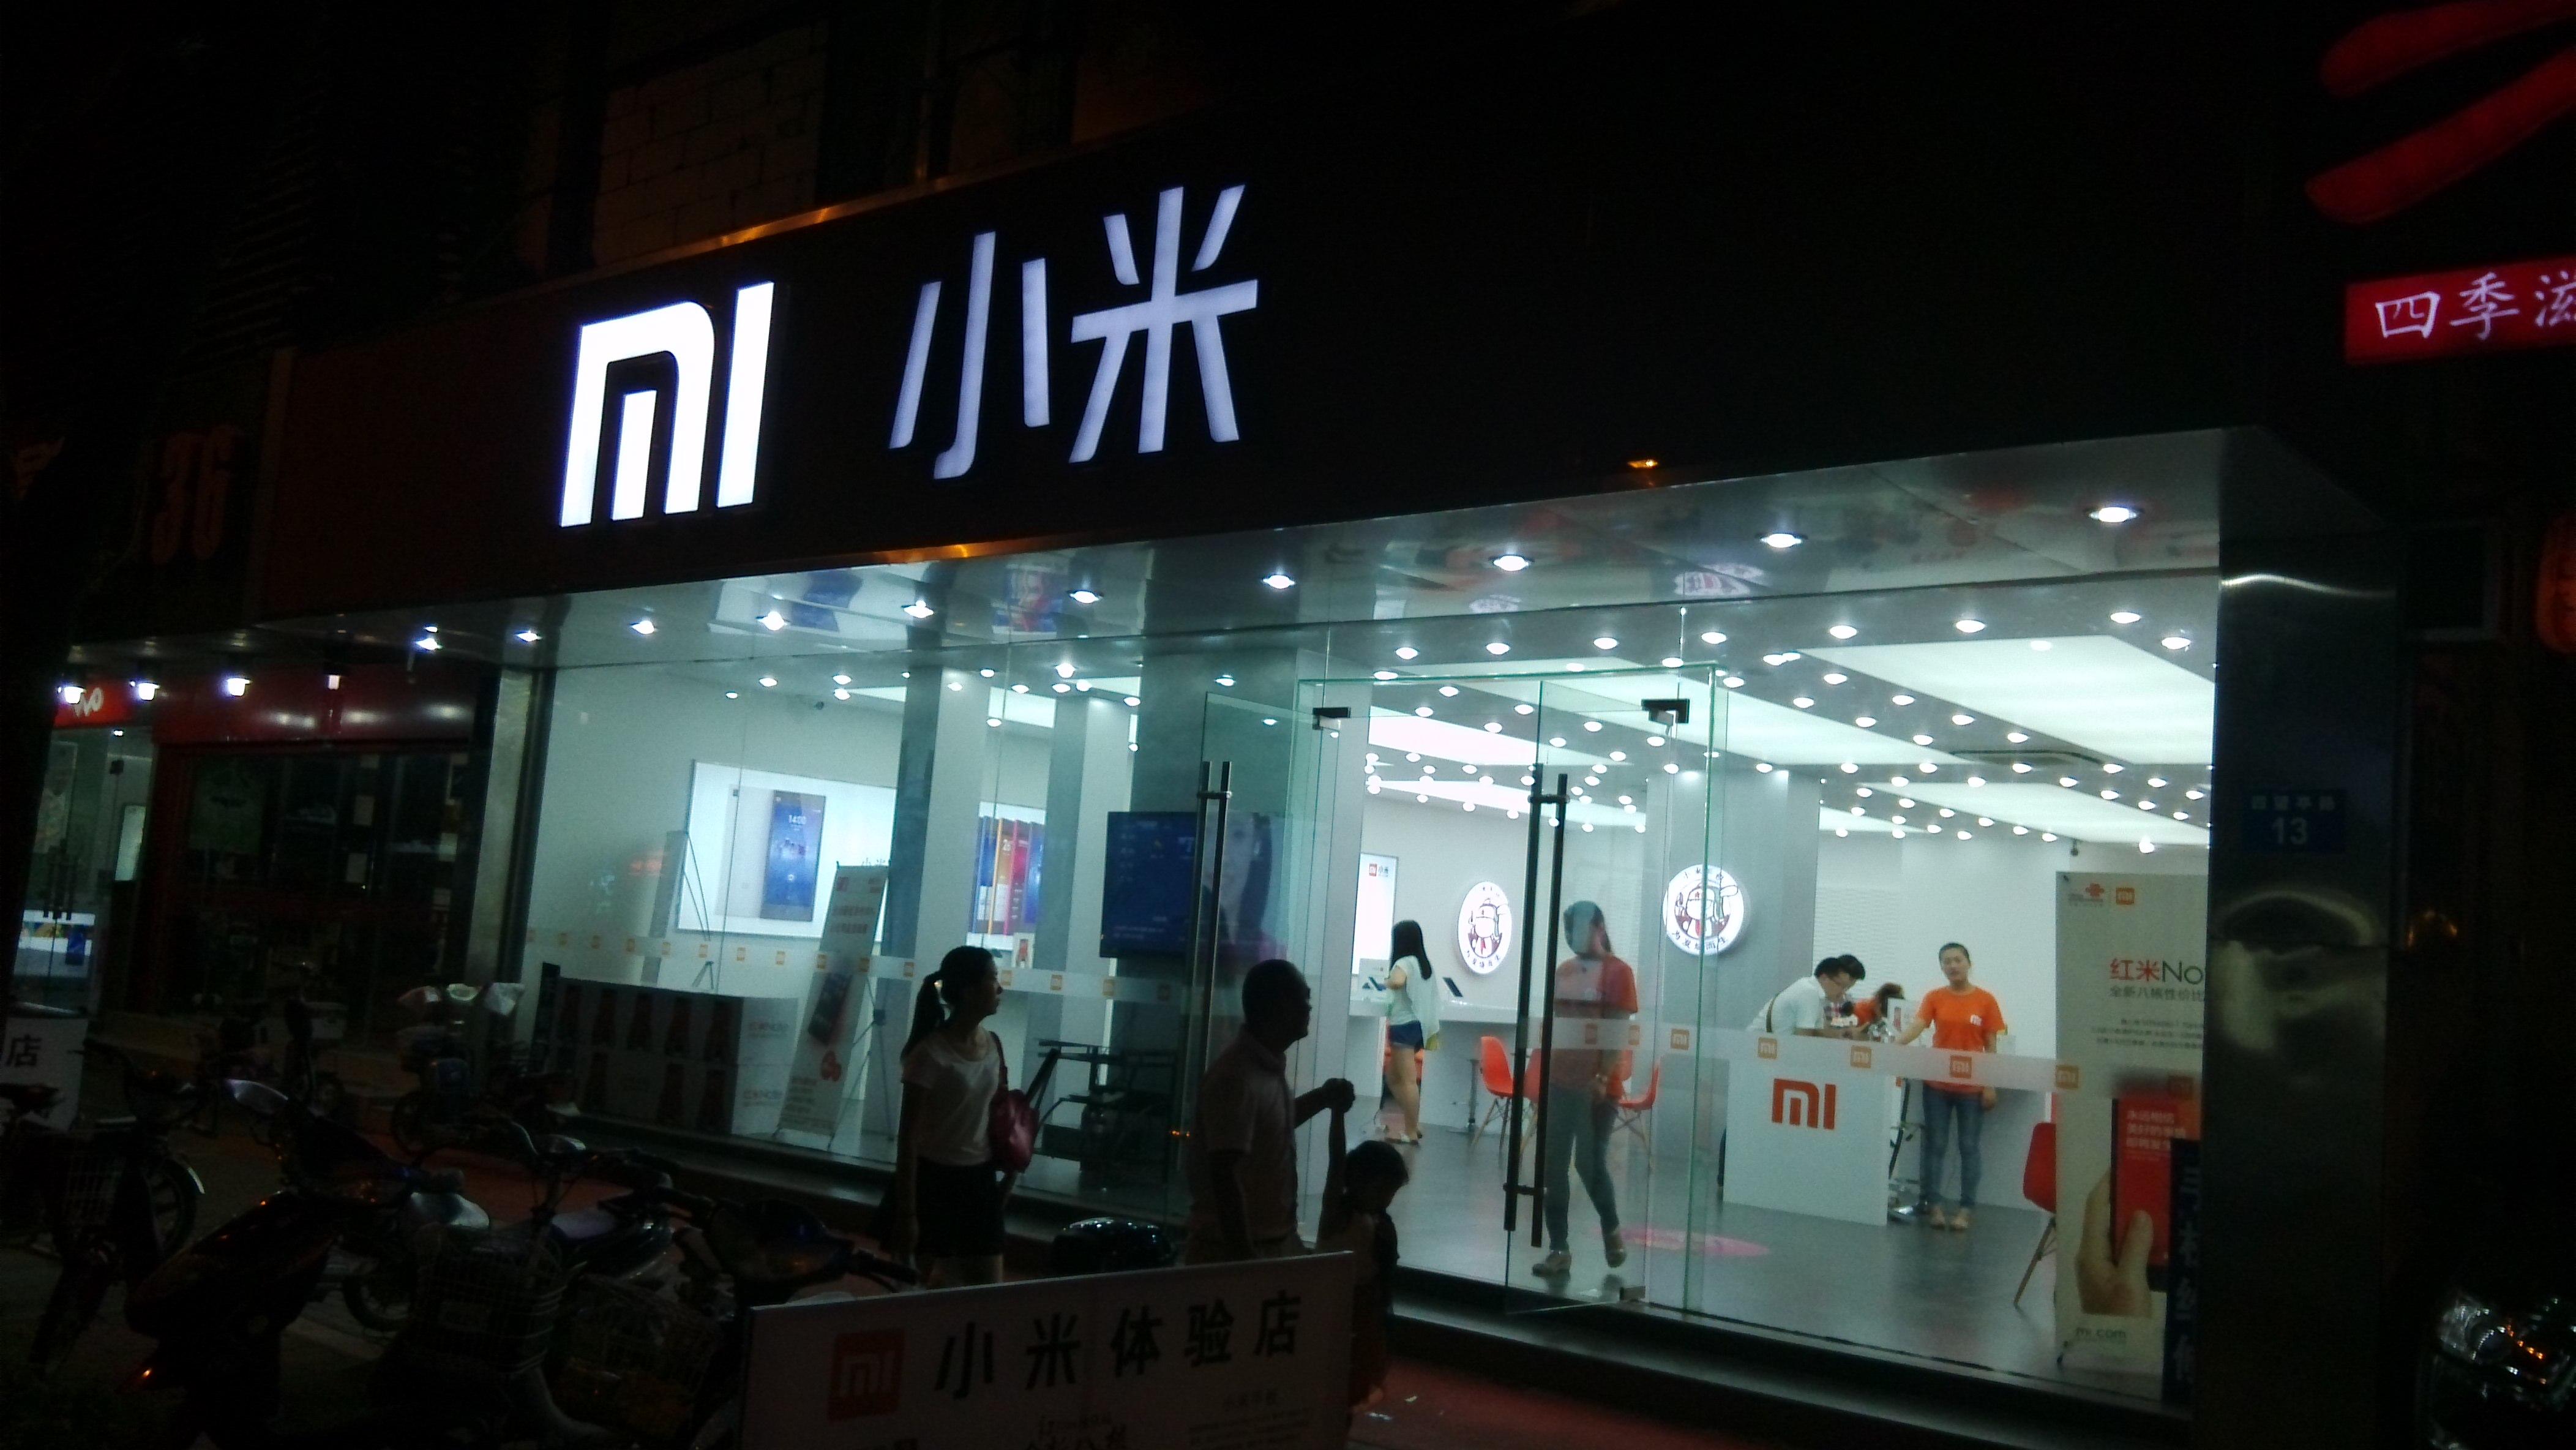 武汉小米实体店_小米有没有实体店 小米真的有实体店吗